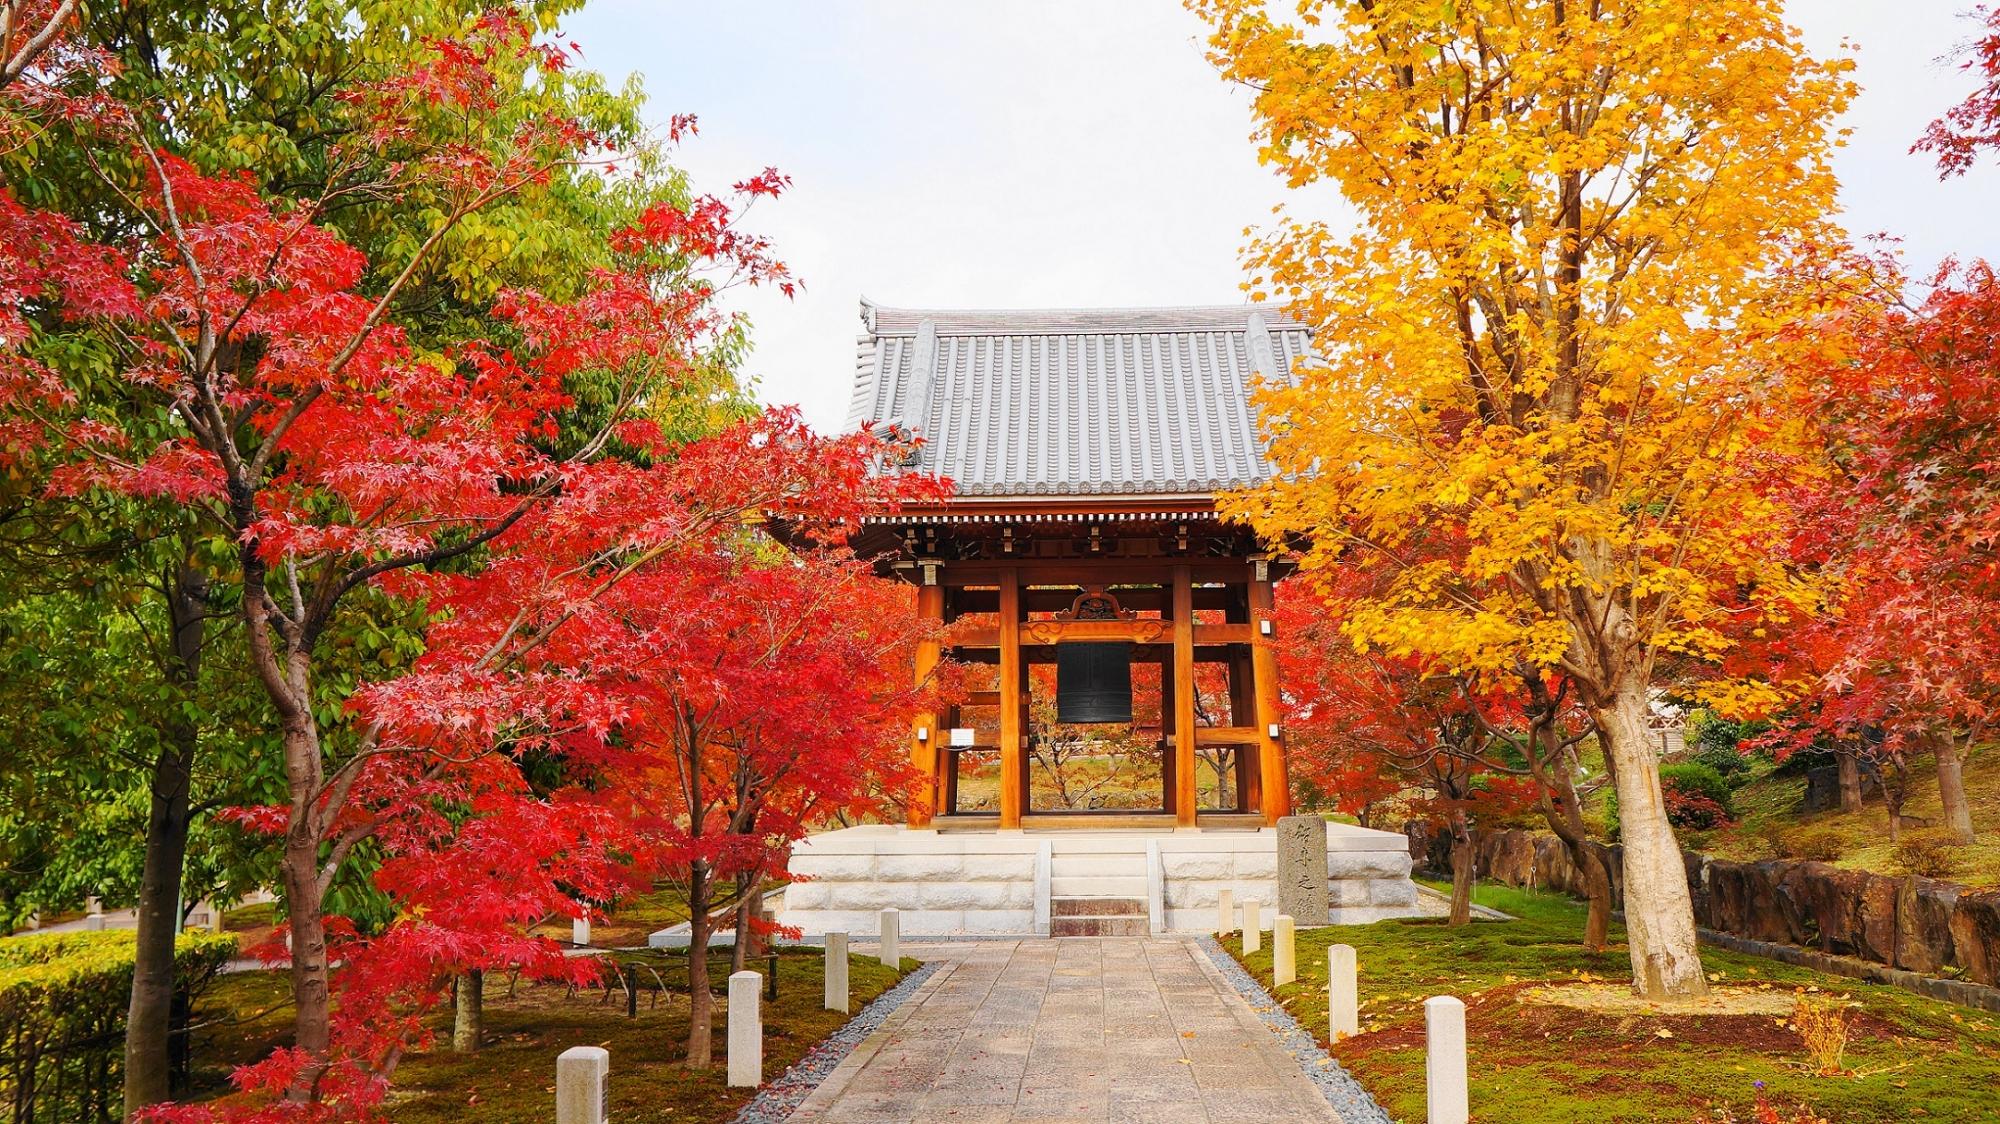 智積院の鐘楼と赤色や黄色の紅葉